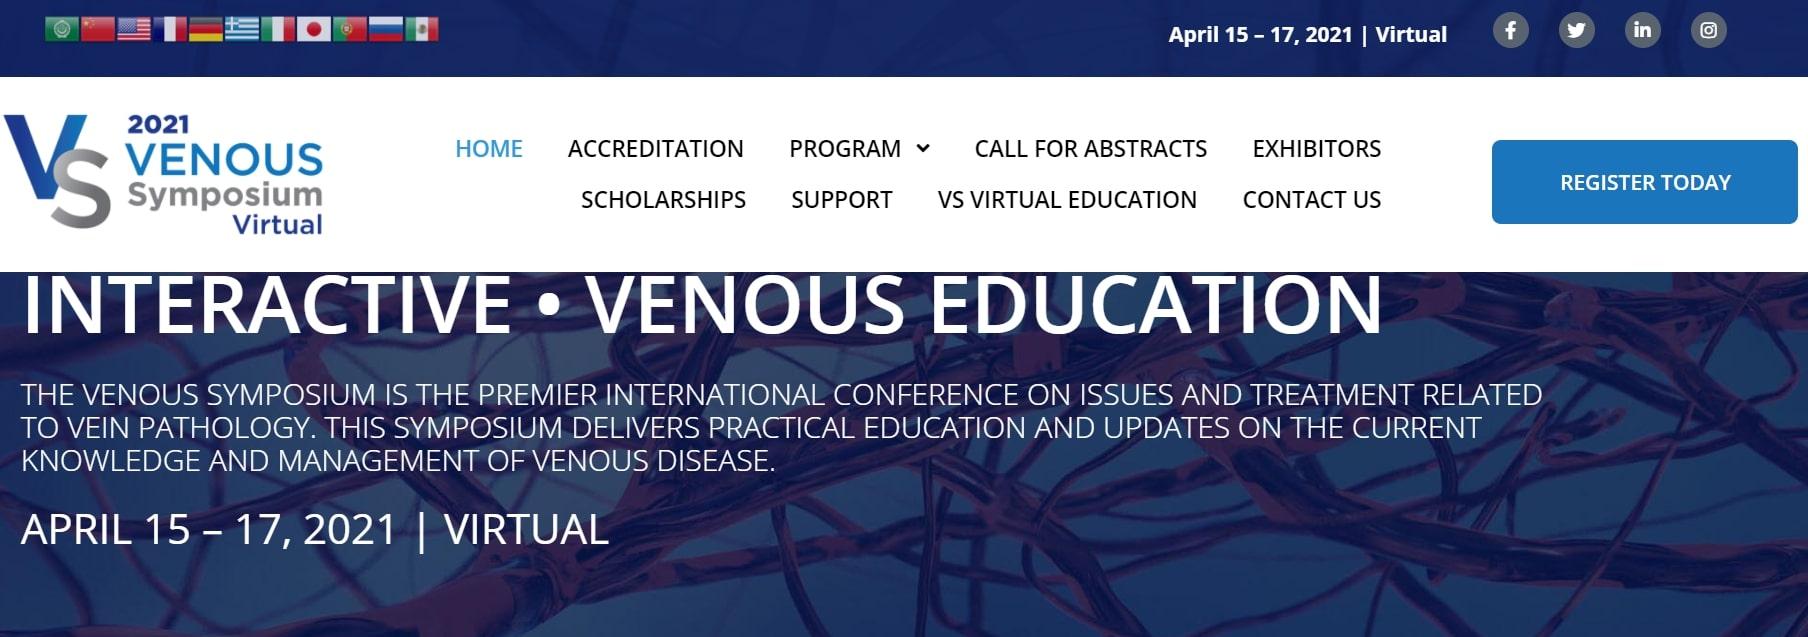 April 15-17, 2021 VENOUS SYMPOSIUM